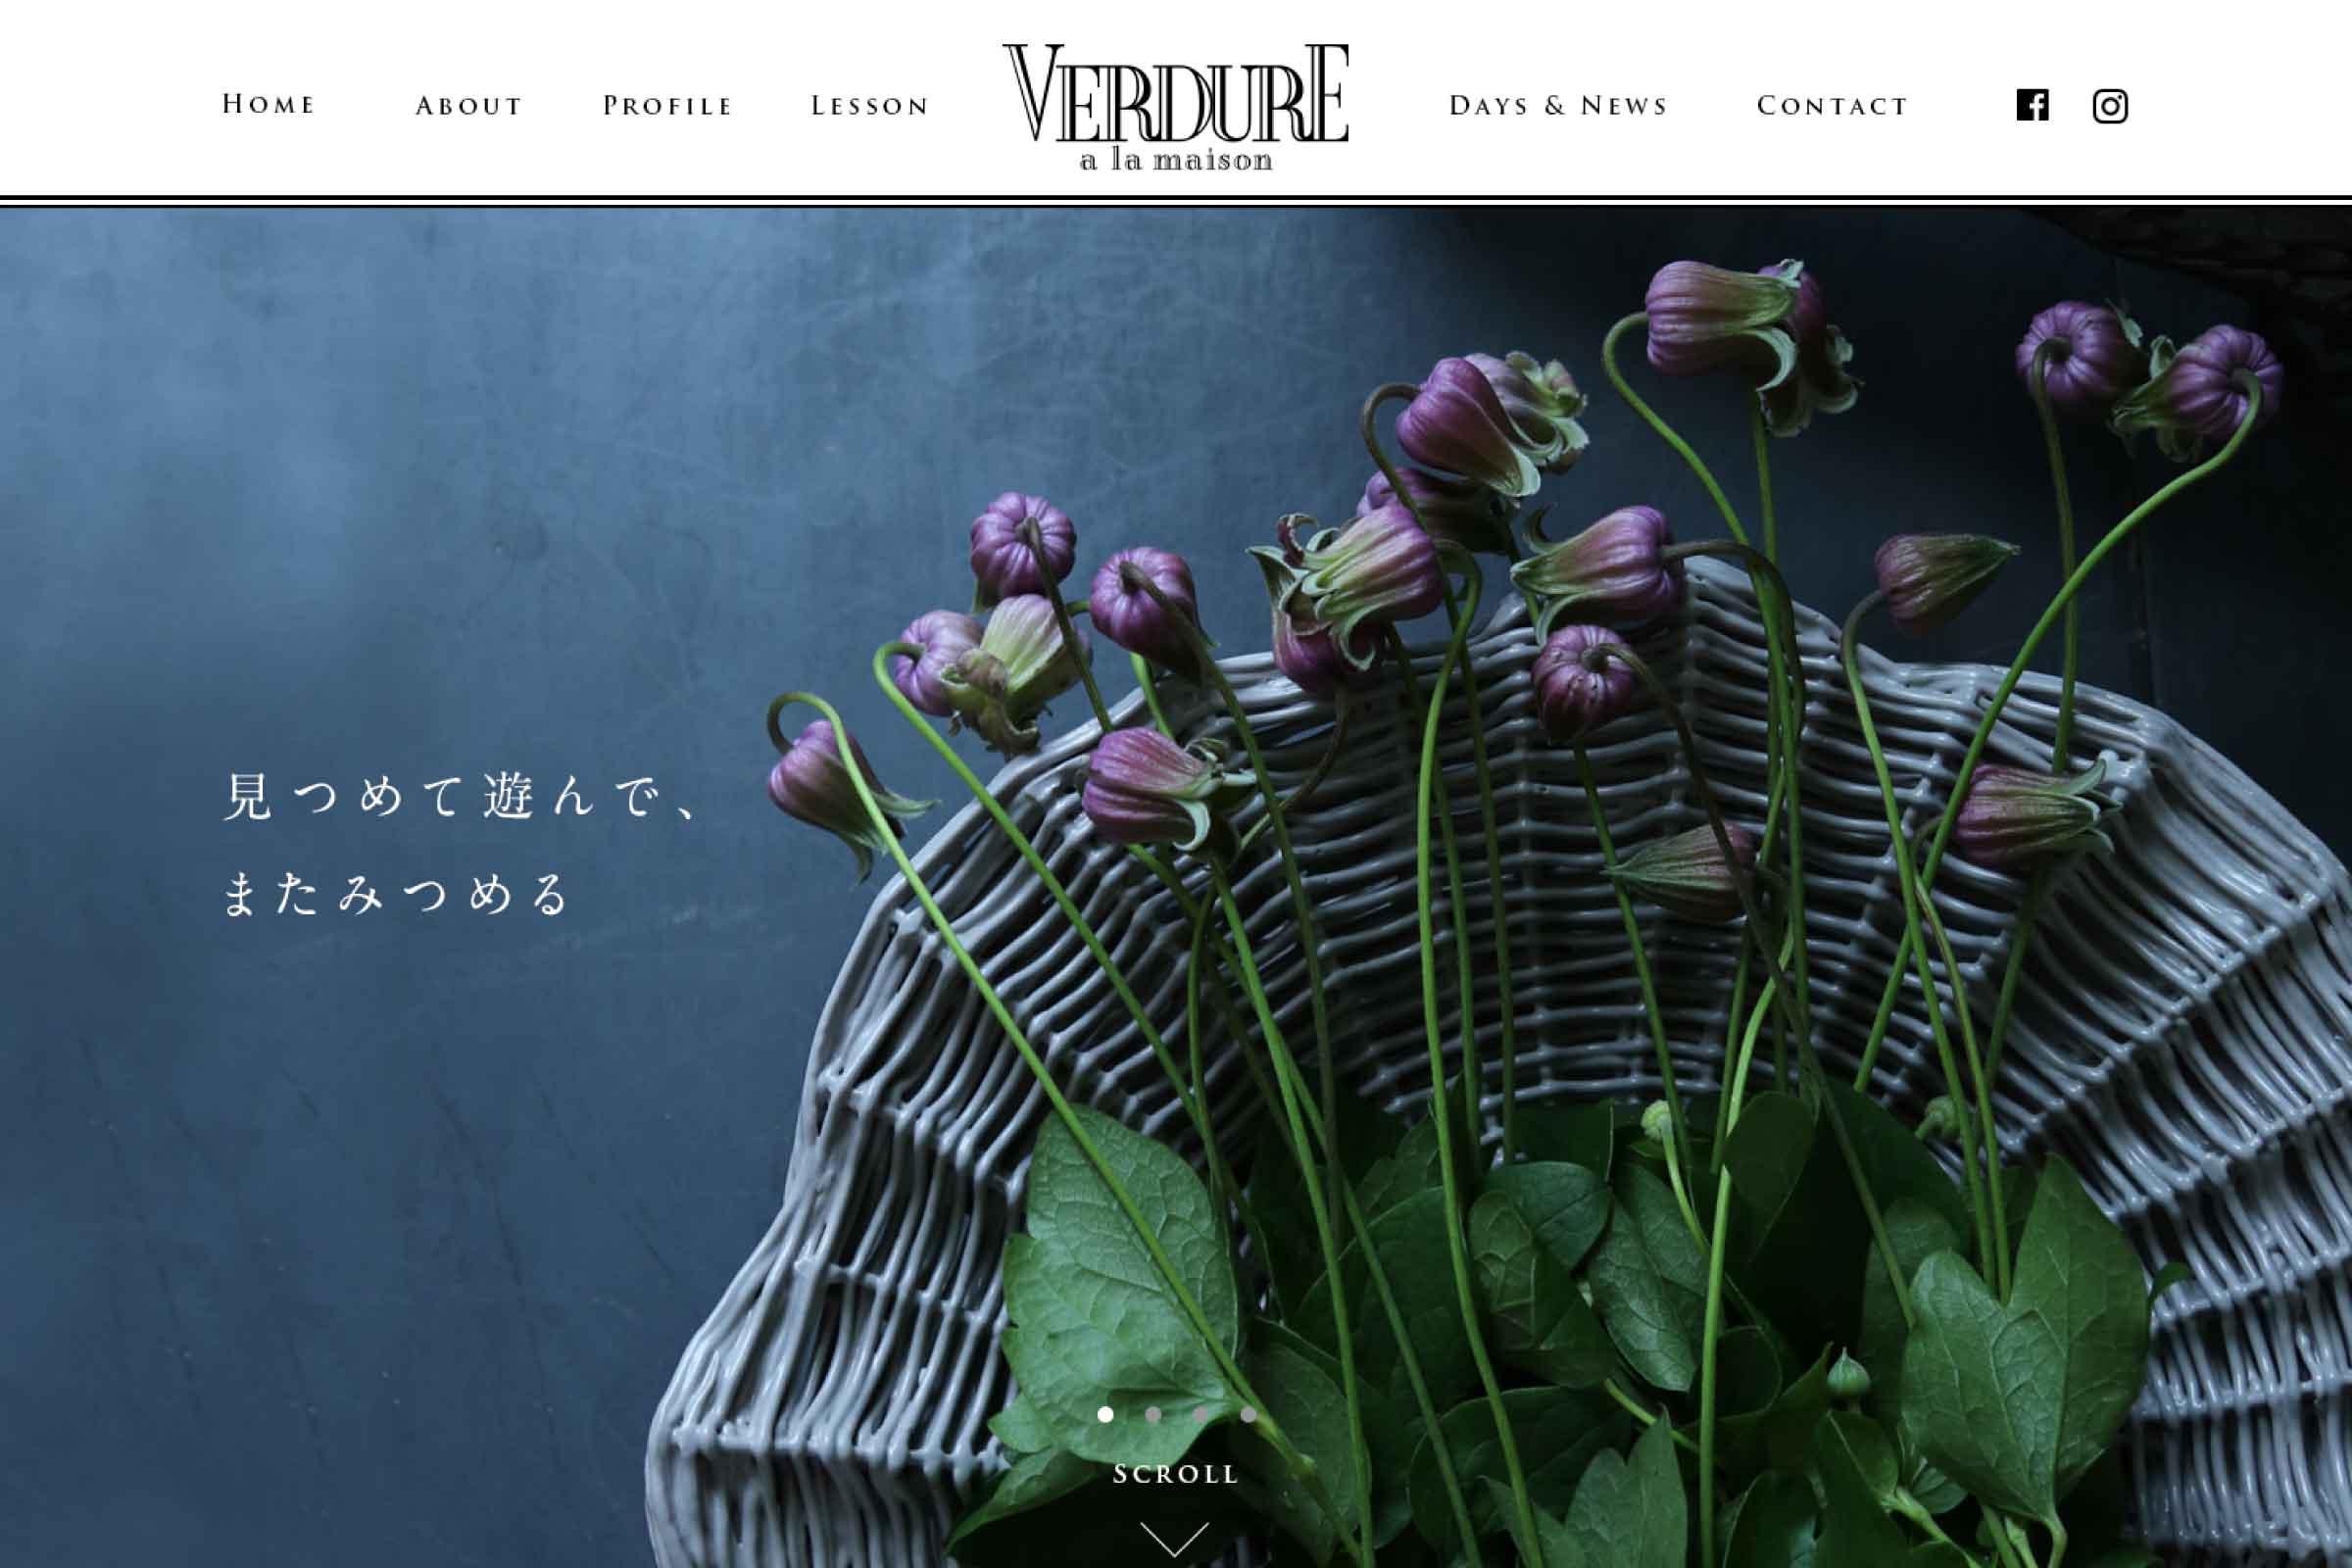 VERDURE a la maison (ヴェルデュール) 総合案内・ブログ トップビジュアル イメージ2